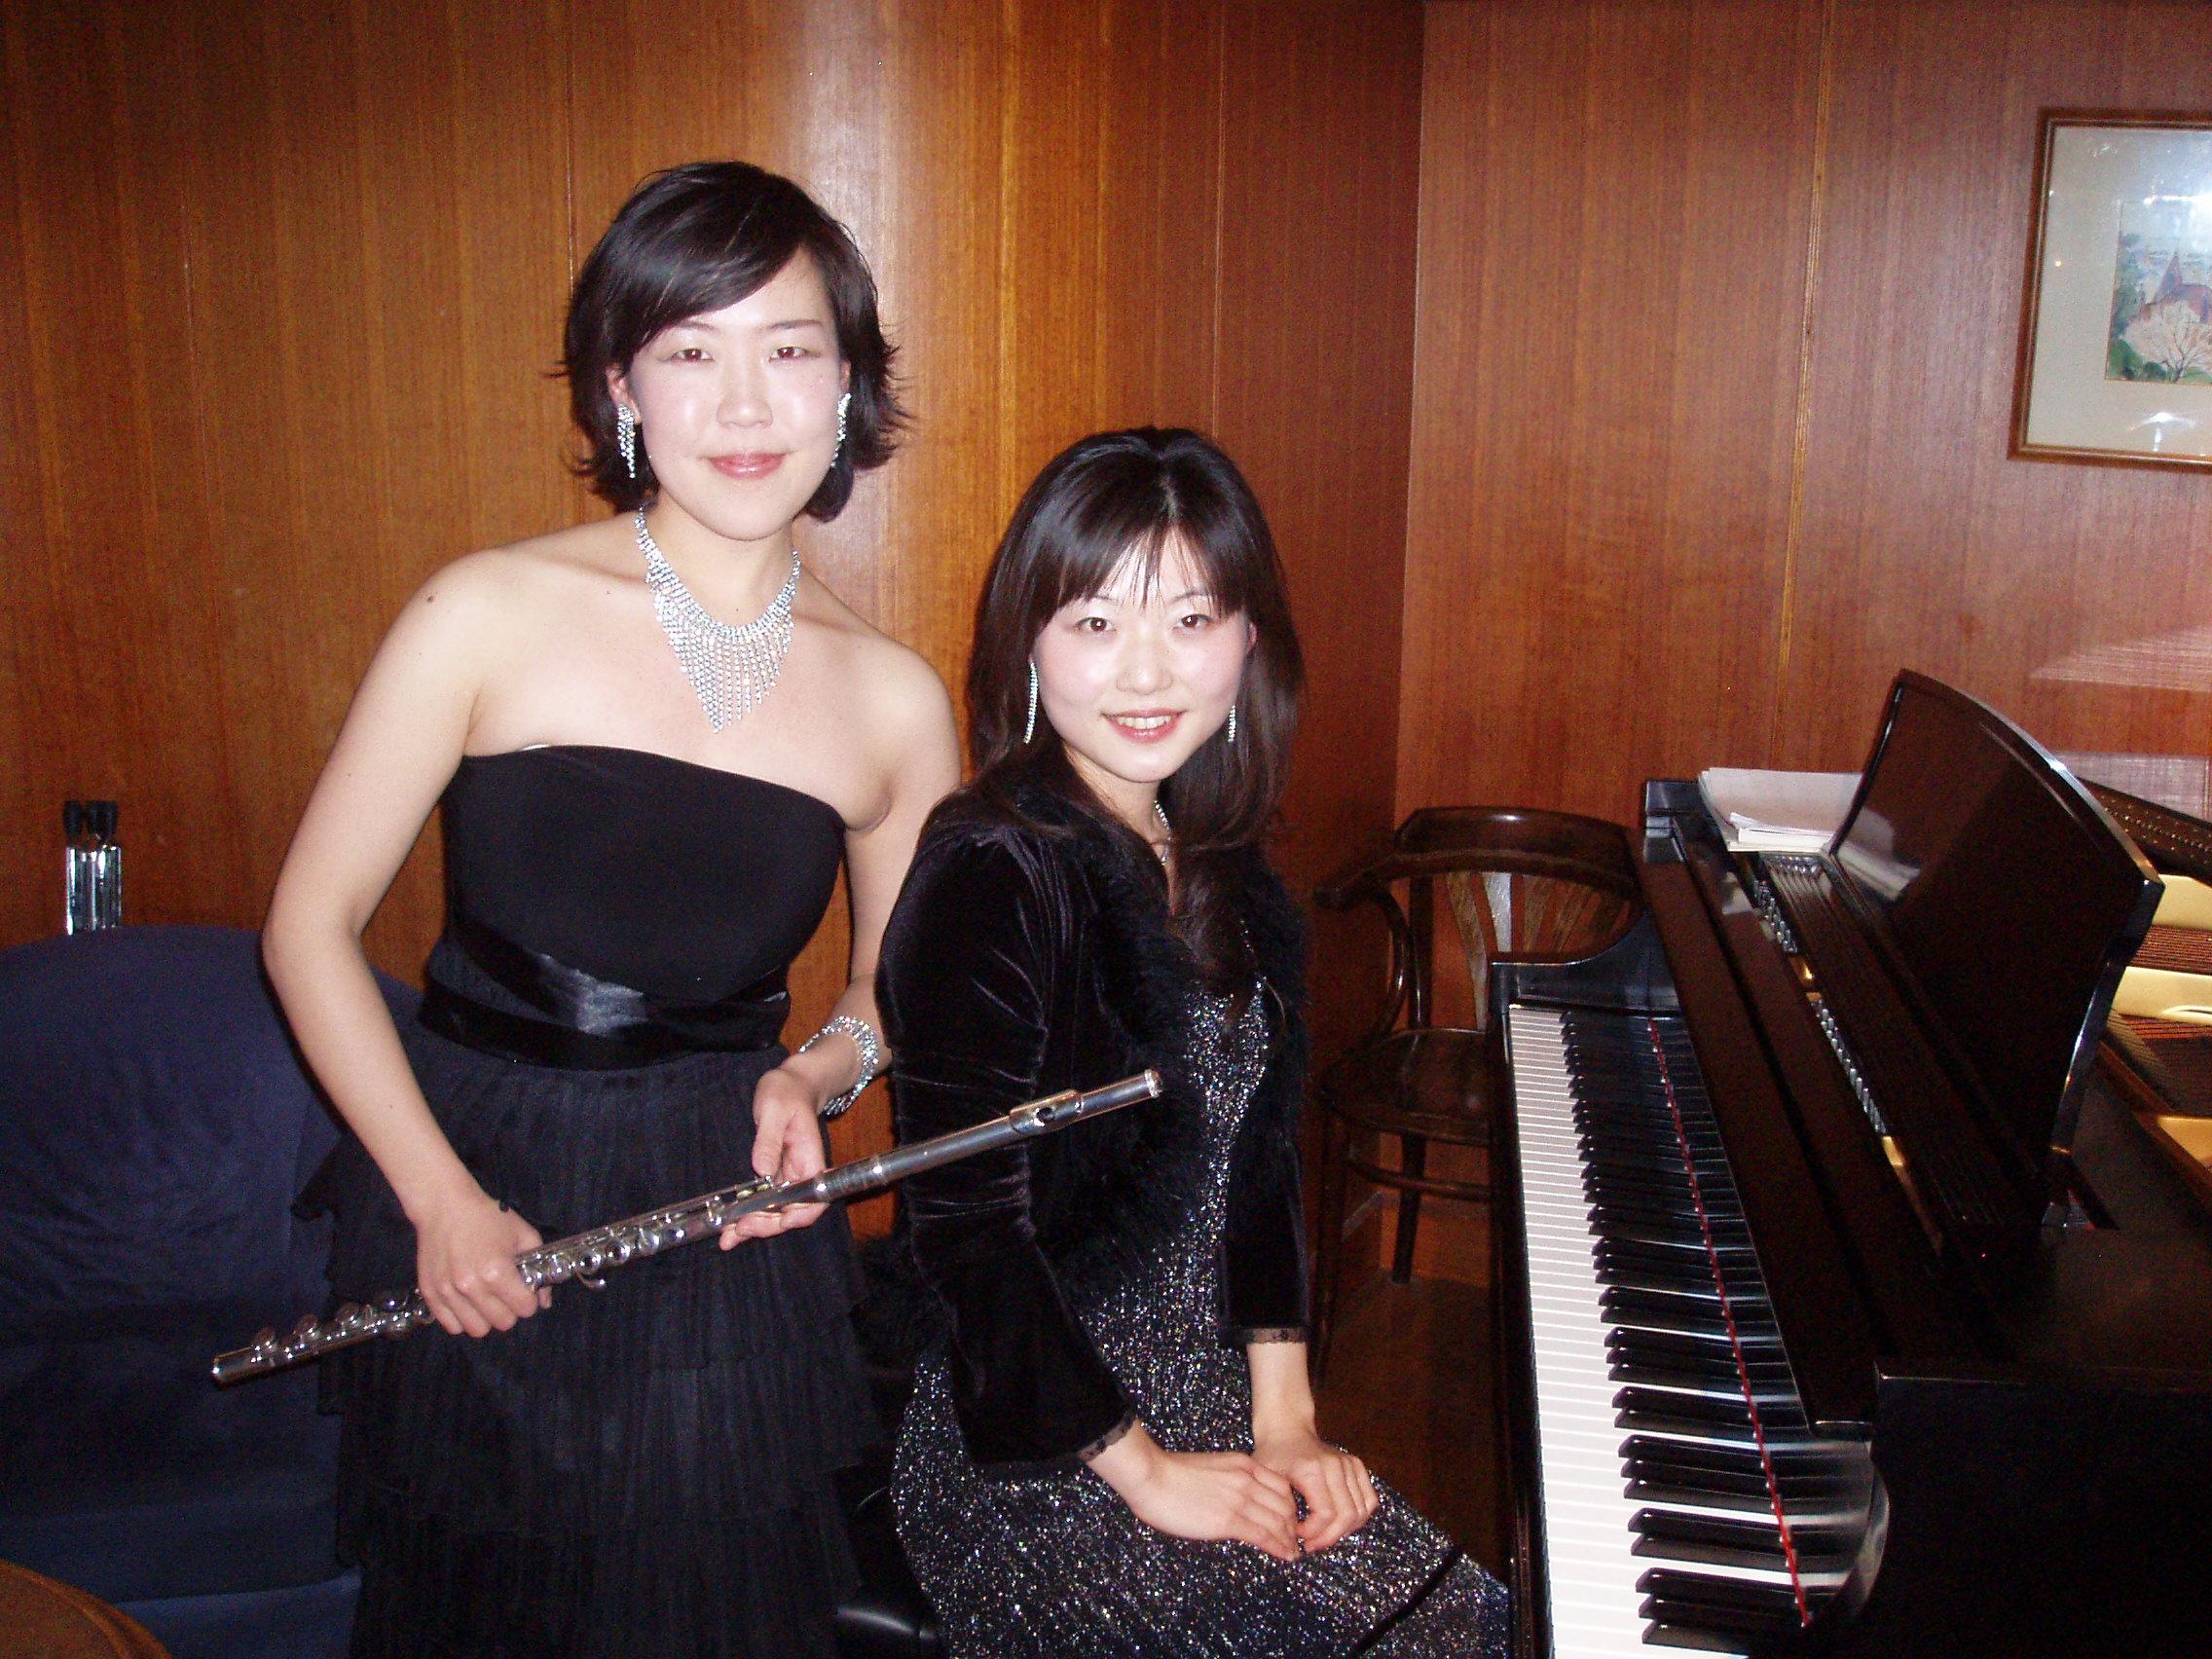 2007年11月: ピアニスト高石香のナチュラルライフ